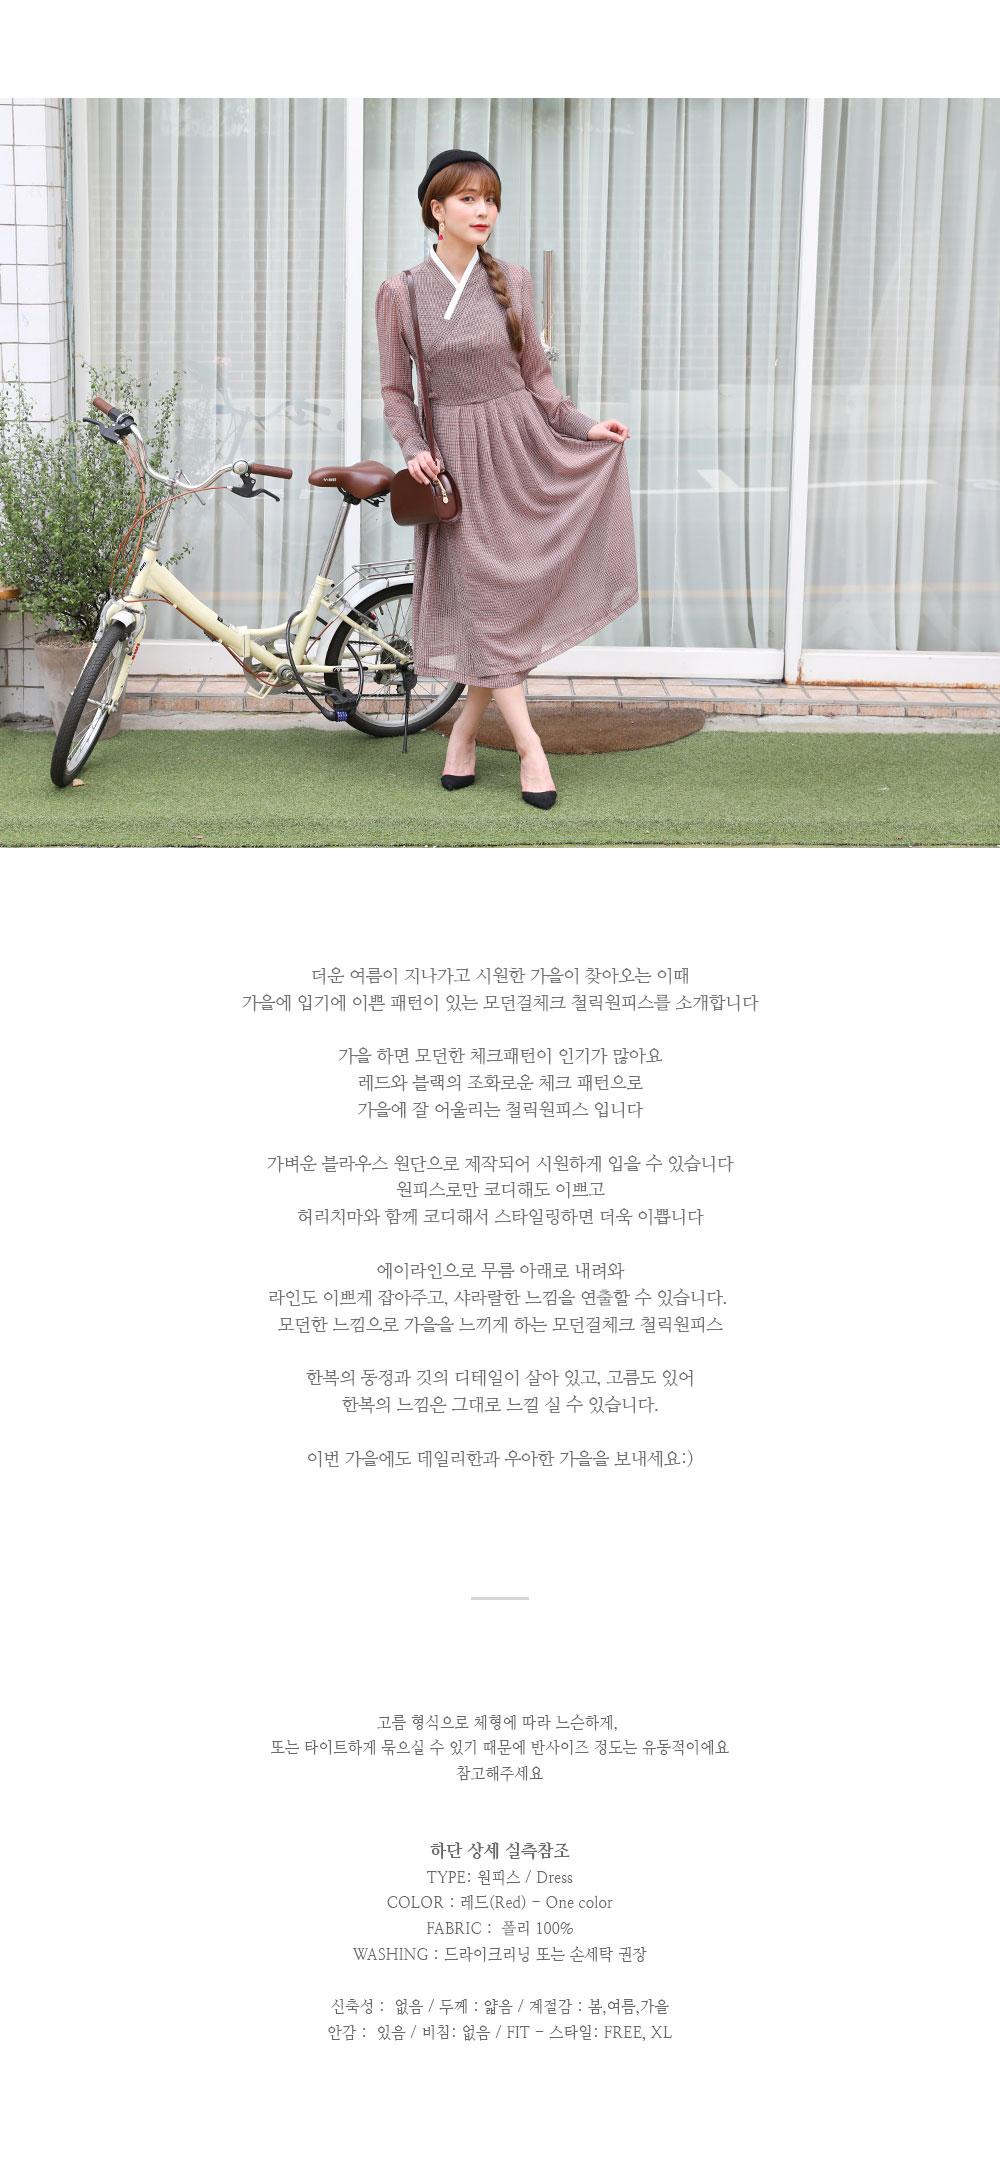 모던걸체크 철릭원피스(레드) - 데일리한, 138,000원, 생활한복, 여성한복